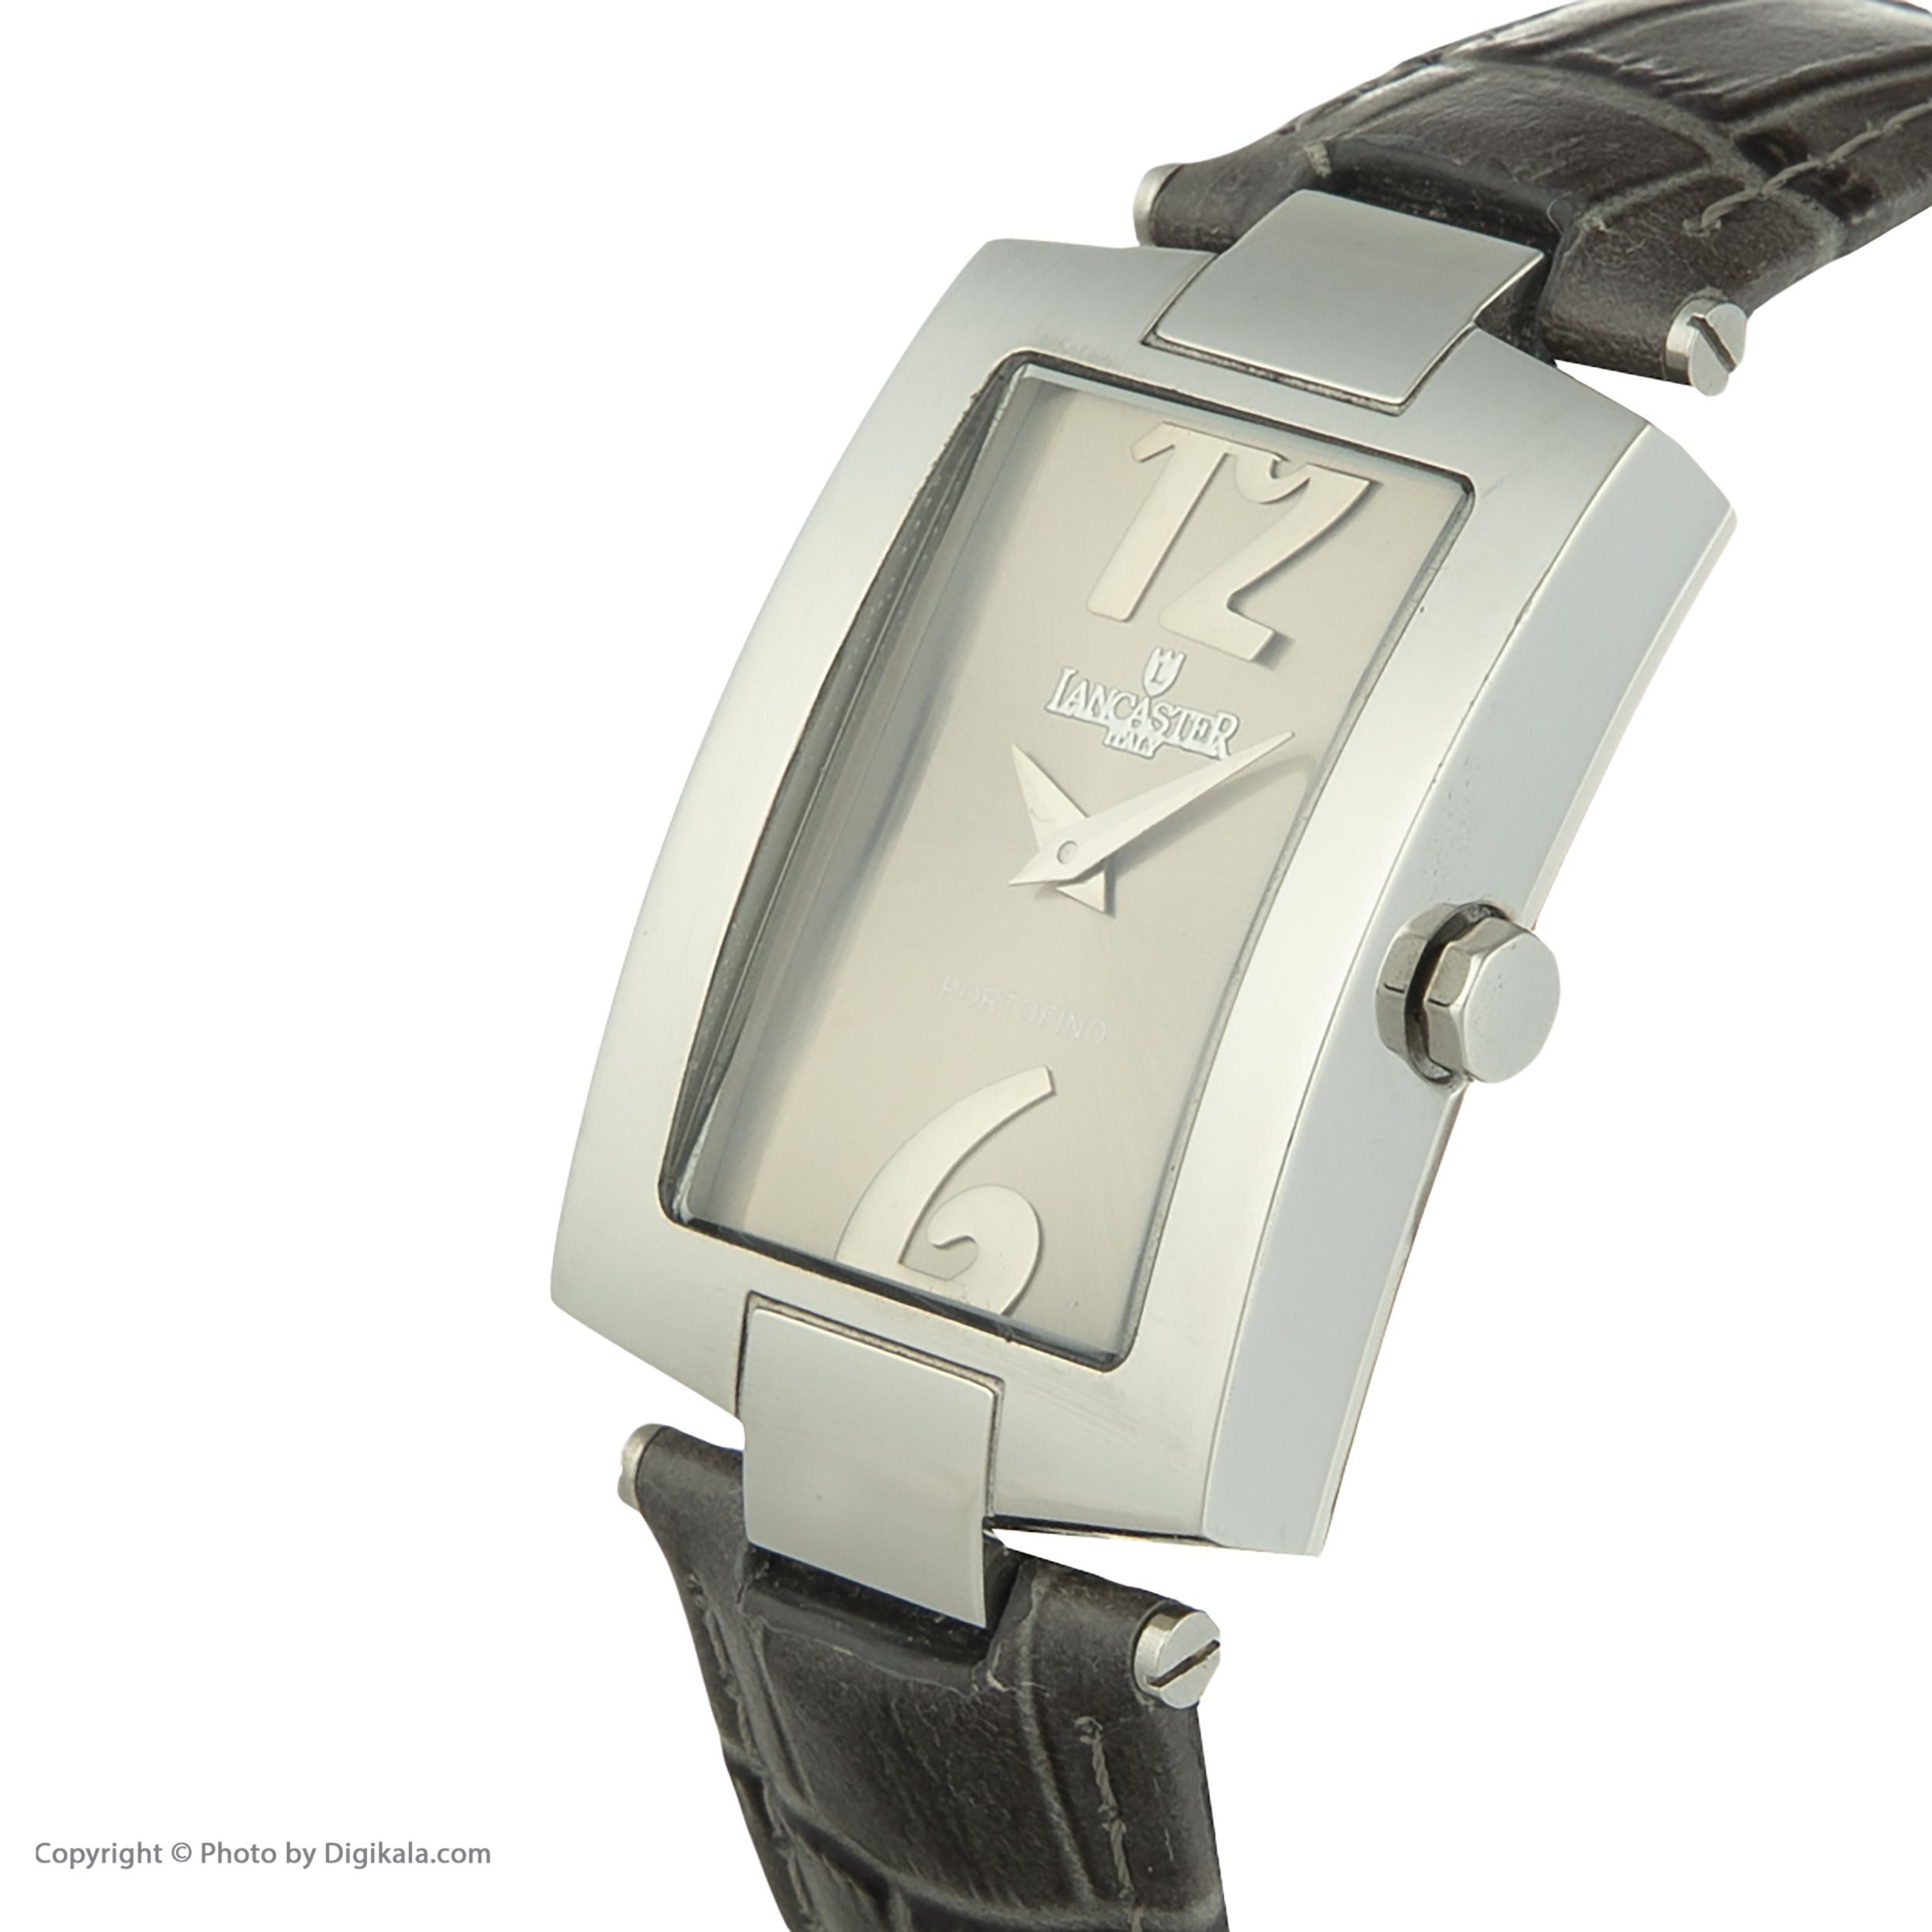 ساعت مچی عقربه ای مردانه لنکستر مدل 506GUNGN کد 77